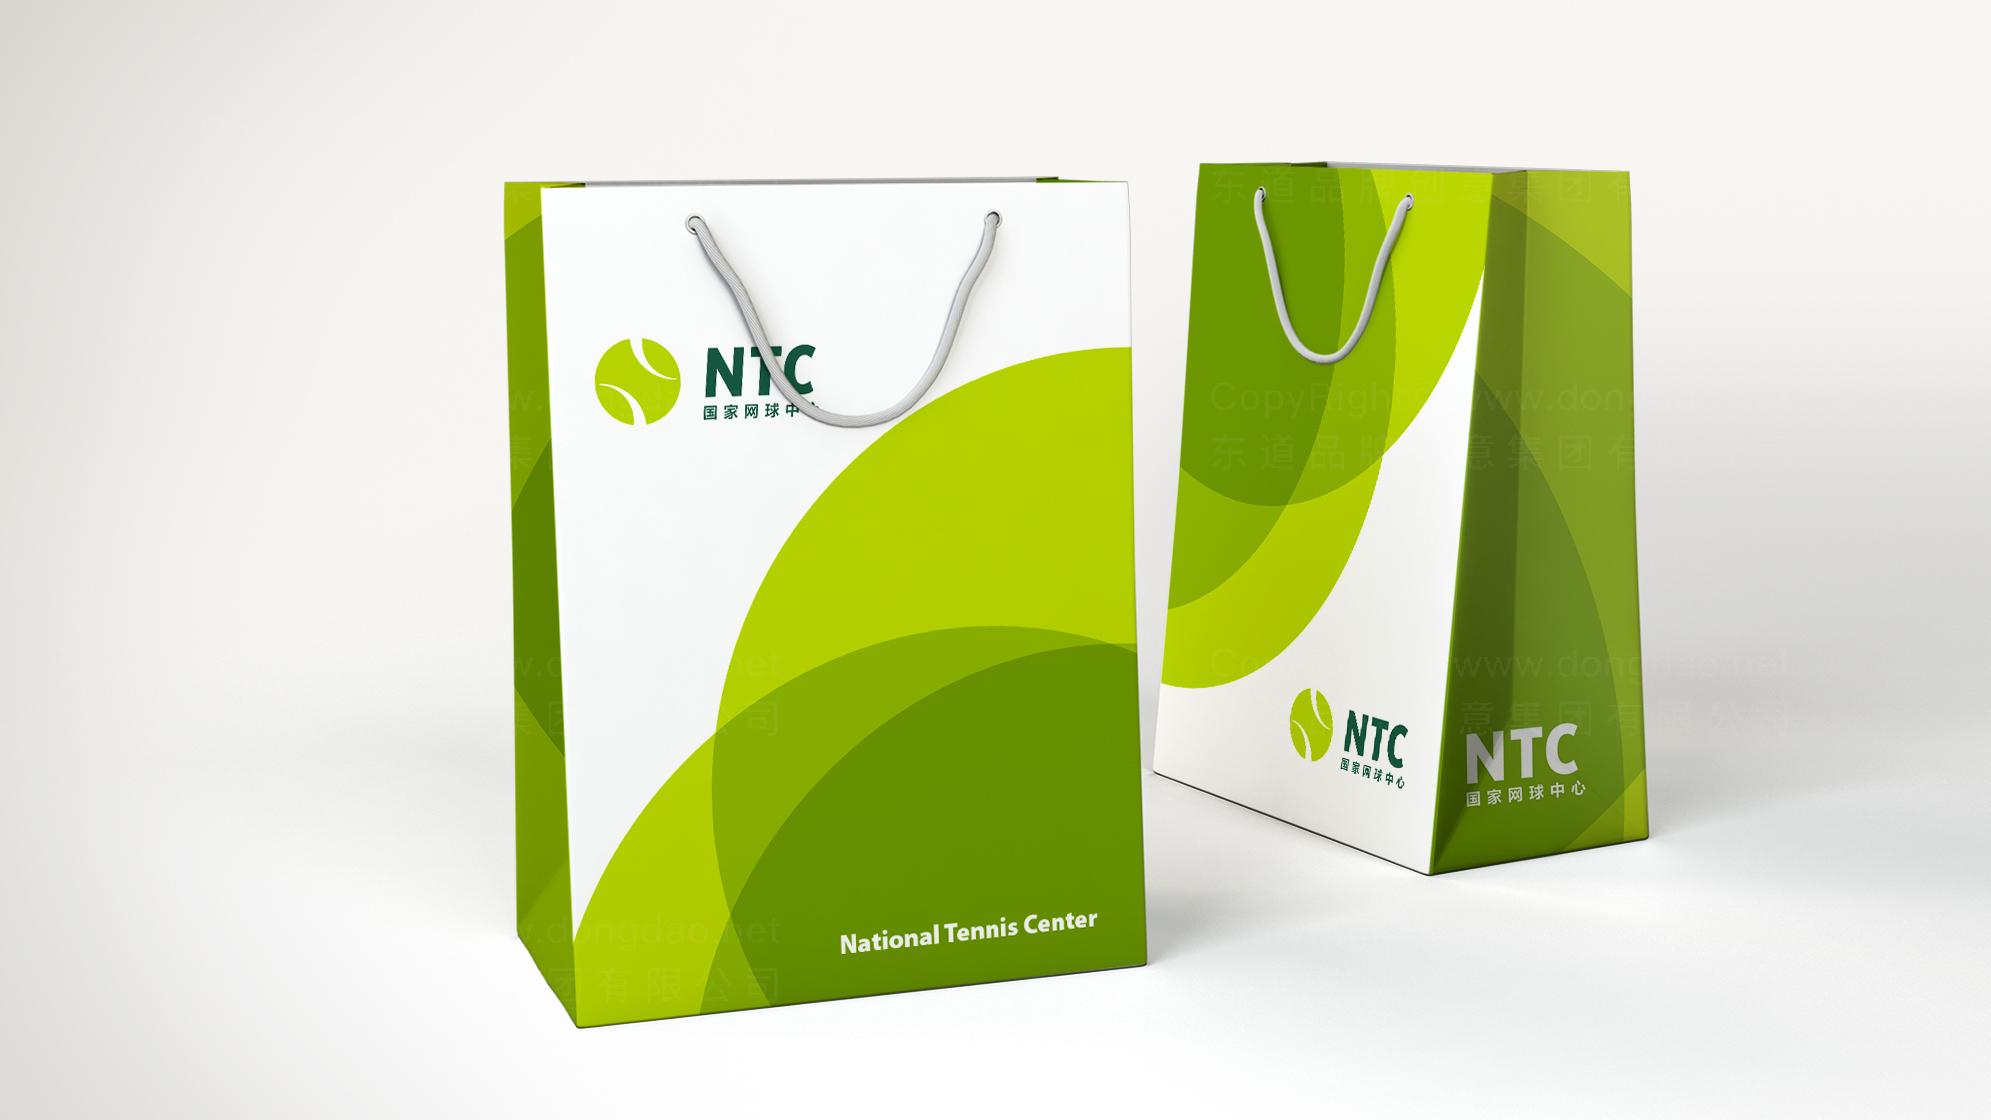 品牌设计国家网球中心标志设计应用场景_2